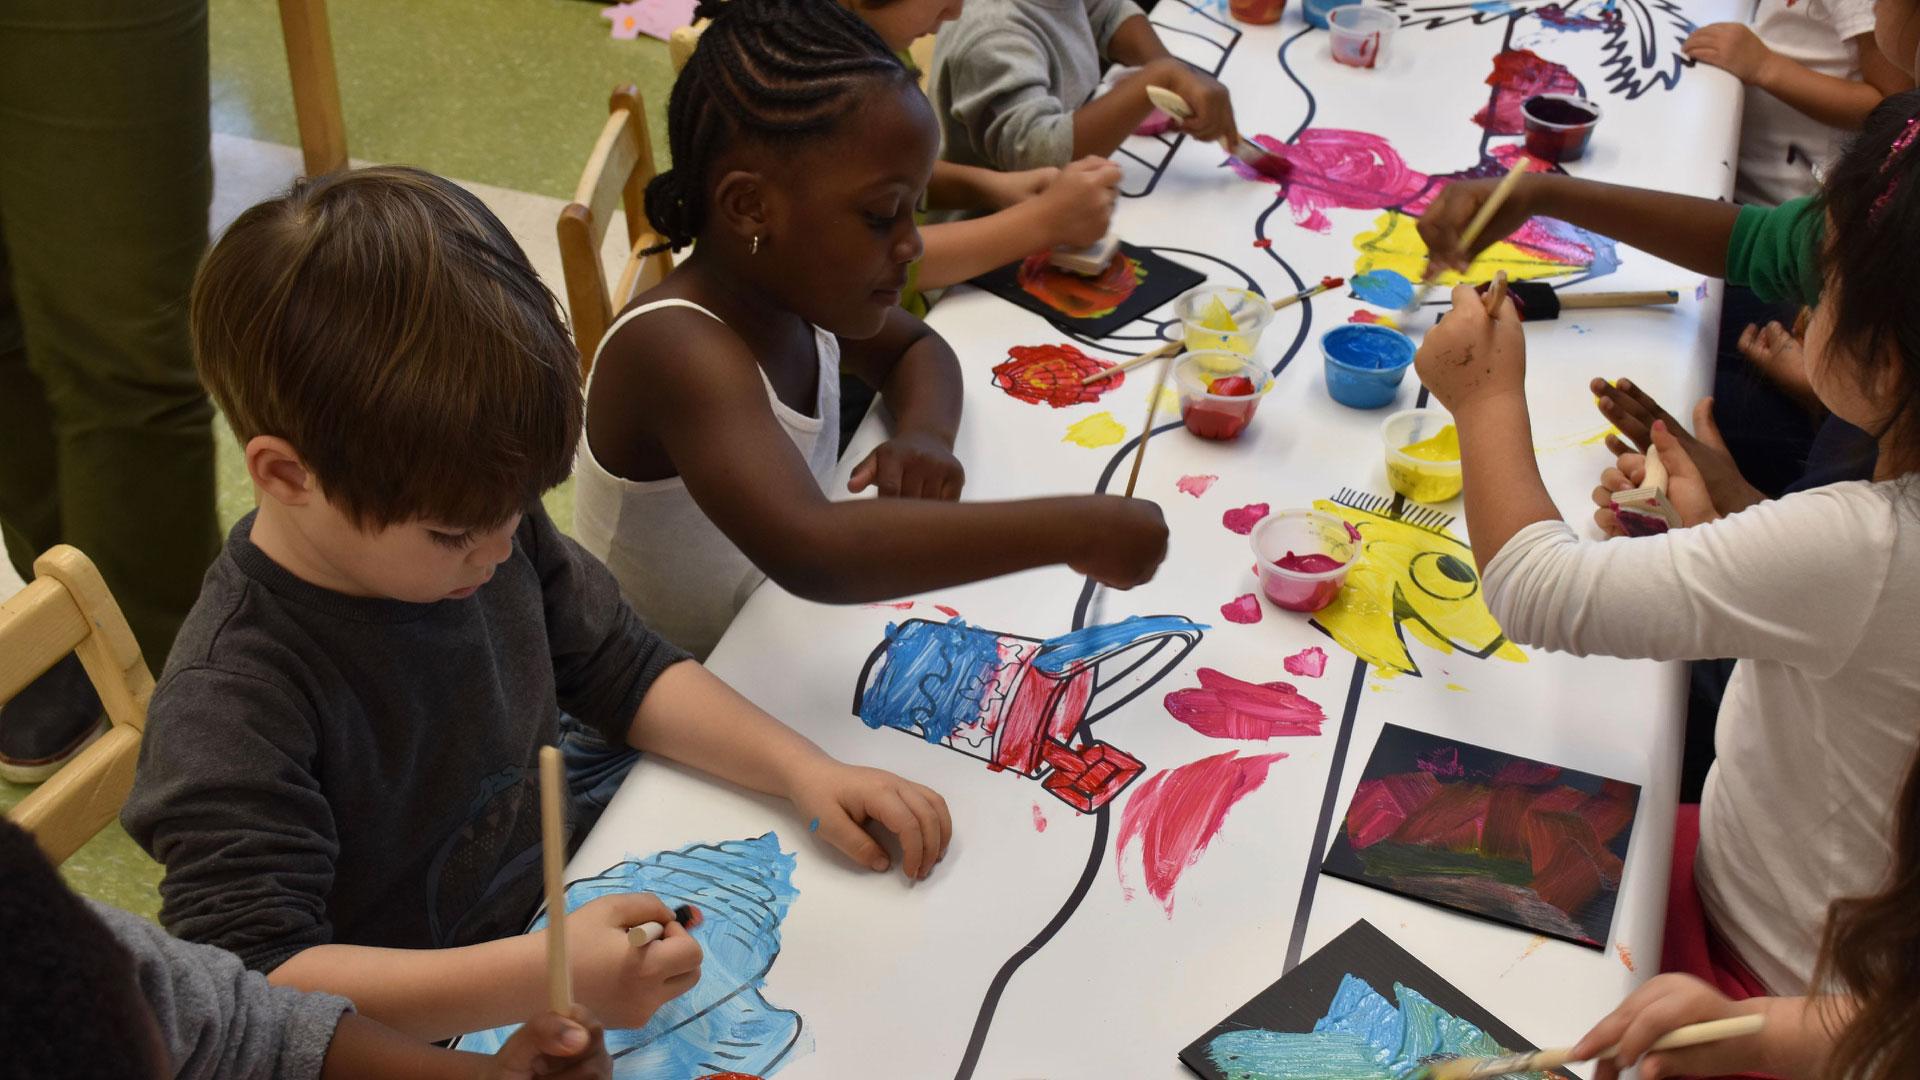 Schlesinger_Thesis-Blog-Post_Spectra_Kids-Paint.jpg